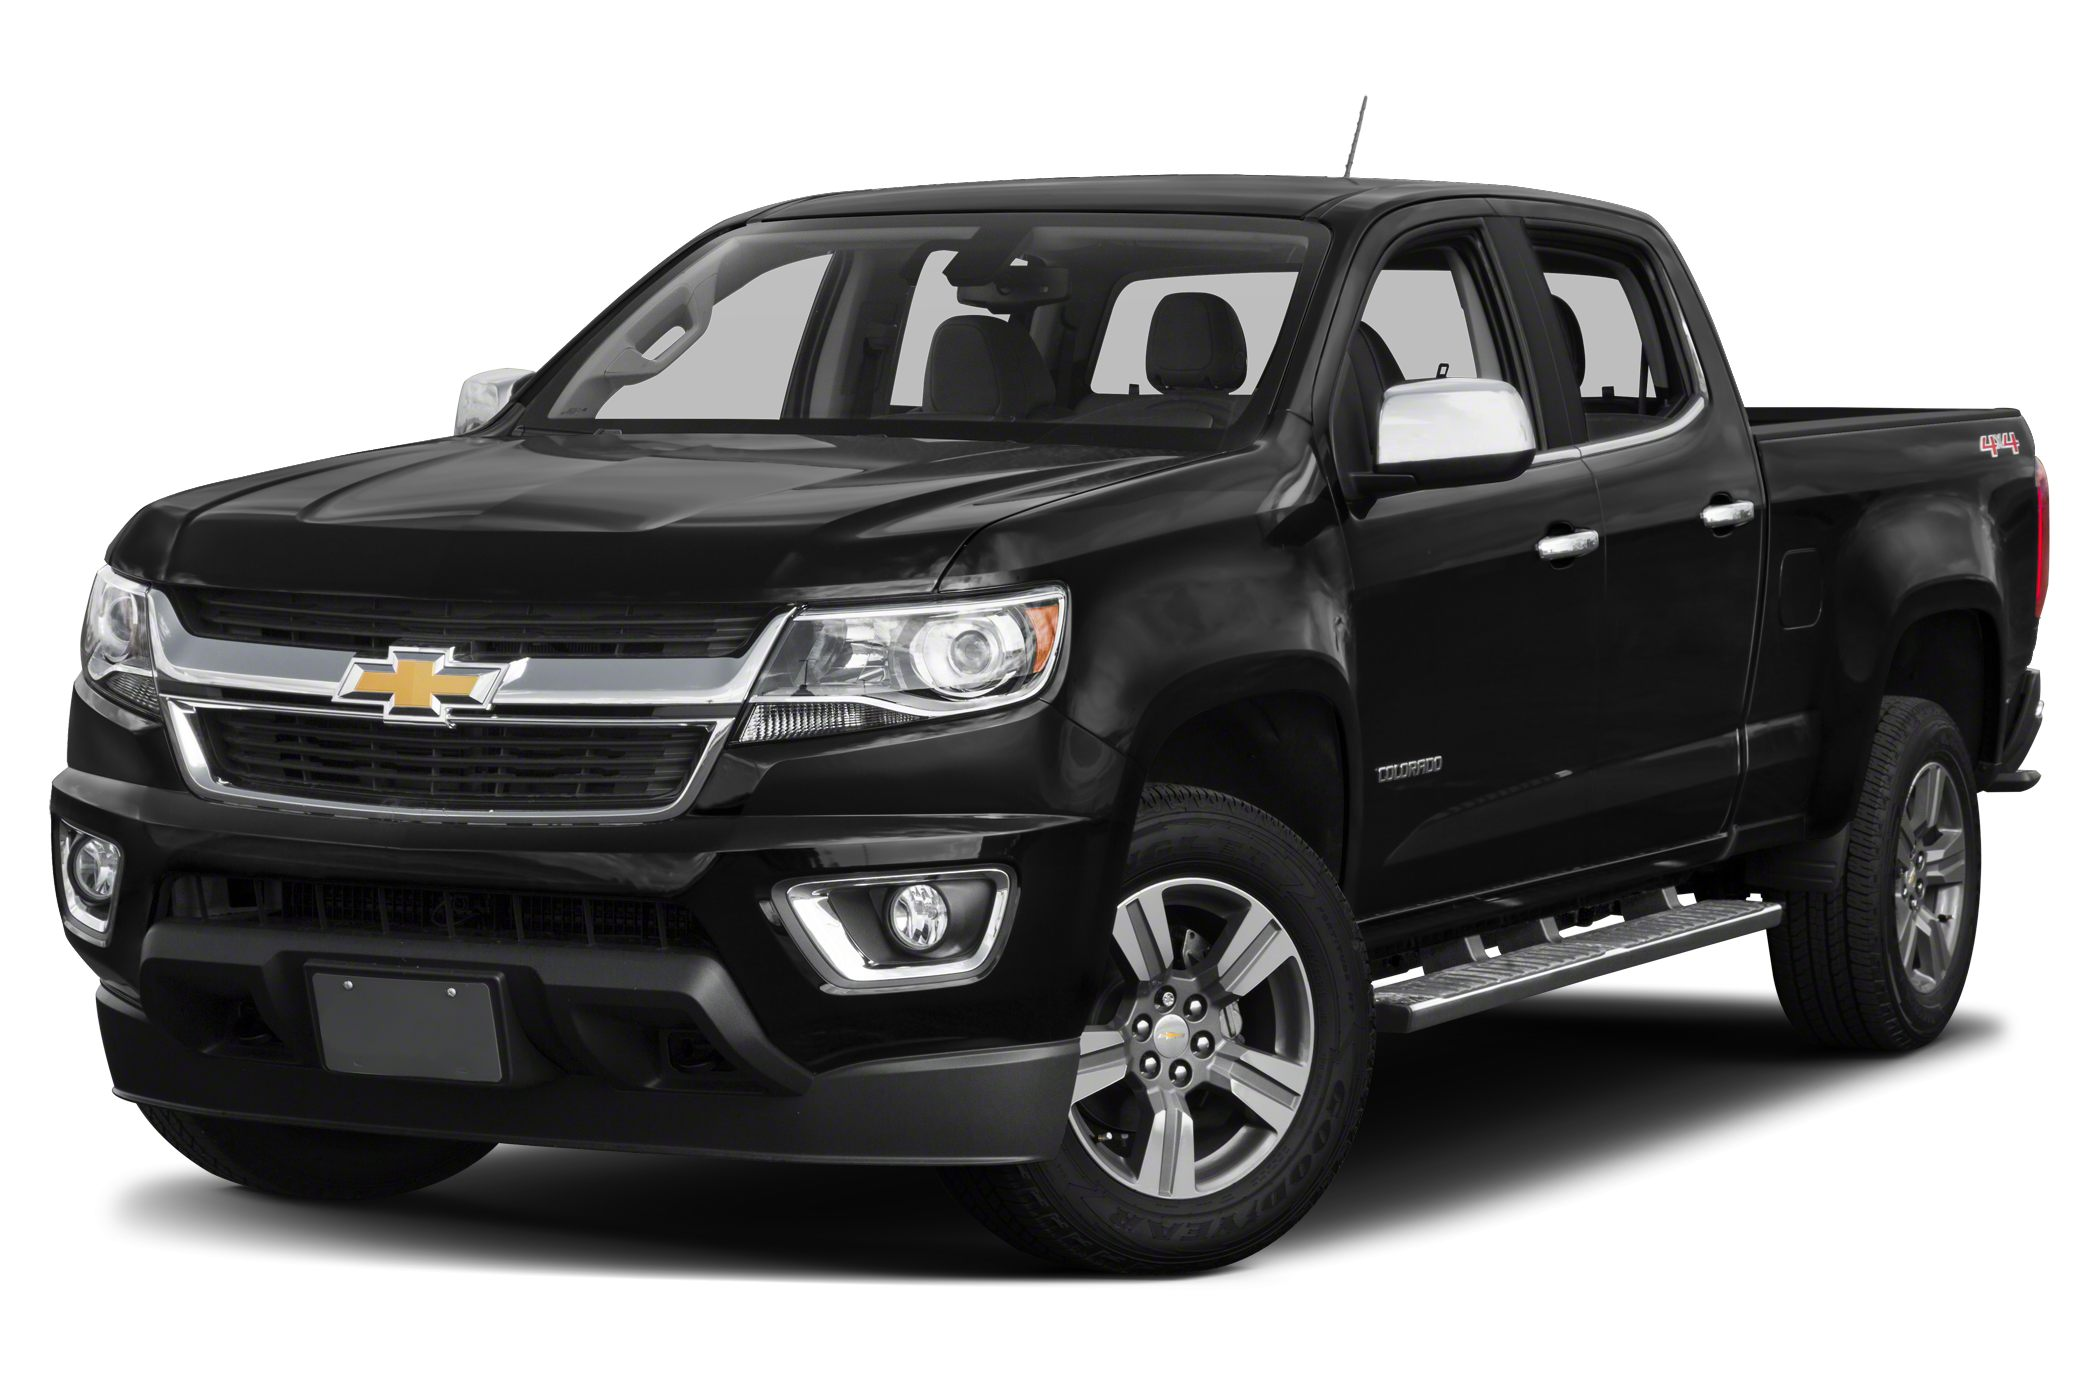 2018 Chevrolet Colorado Information